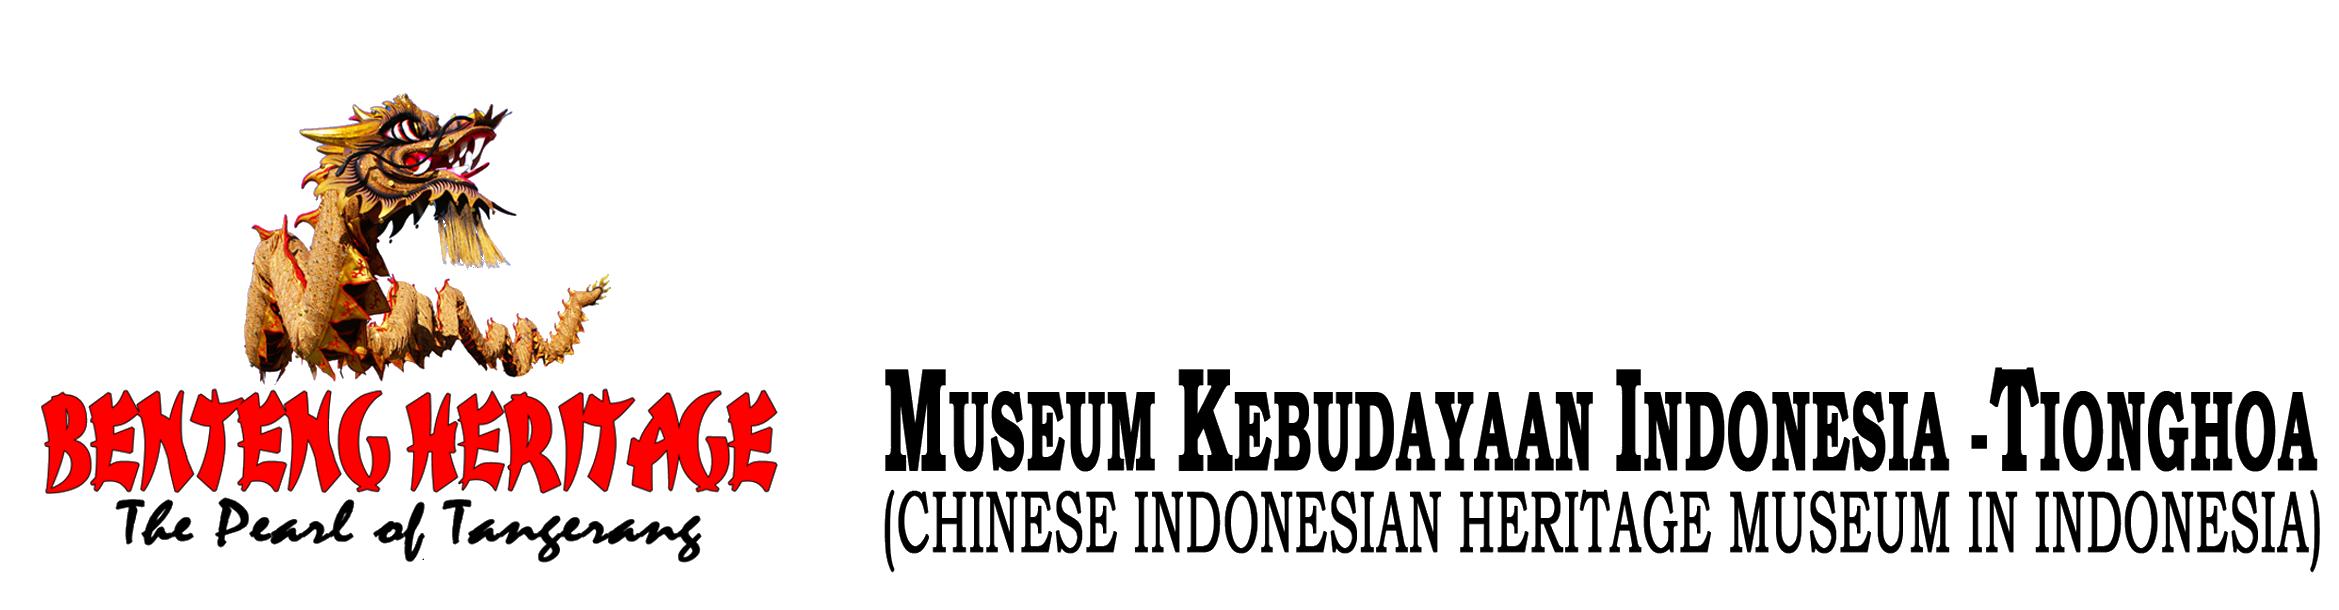 Museum Benteng Heritage Logo